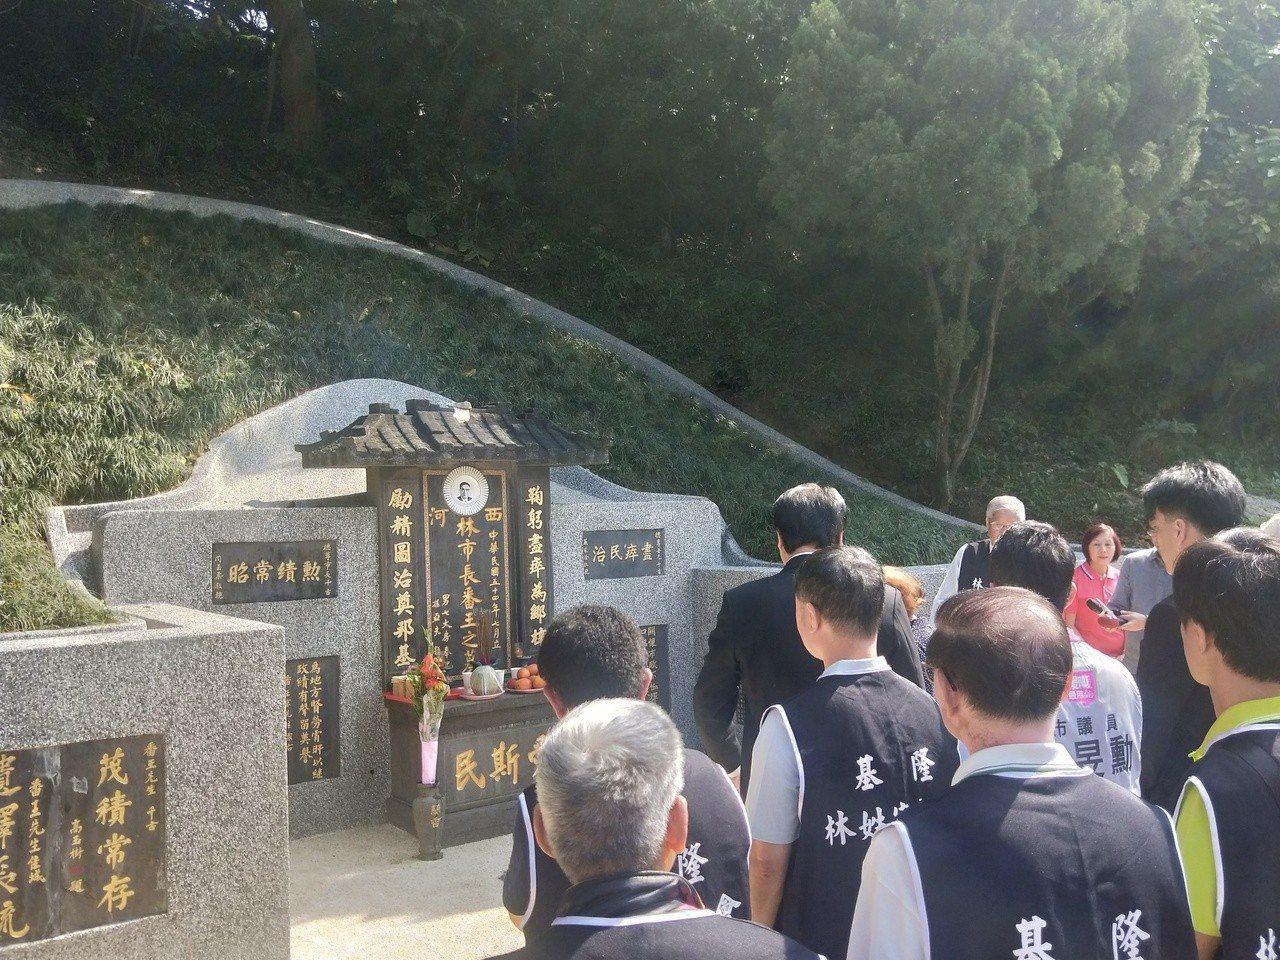 已故前基隆老市長林番王墓去年遭不明份子毀損,林姓宗親會與家屬發起修復行動,完工後...